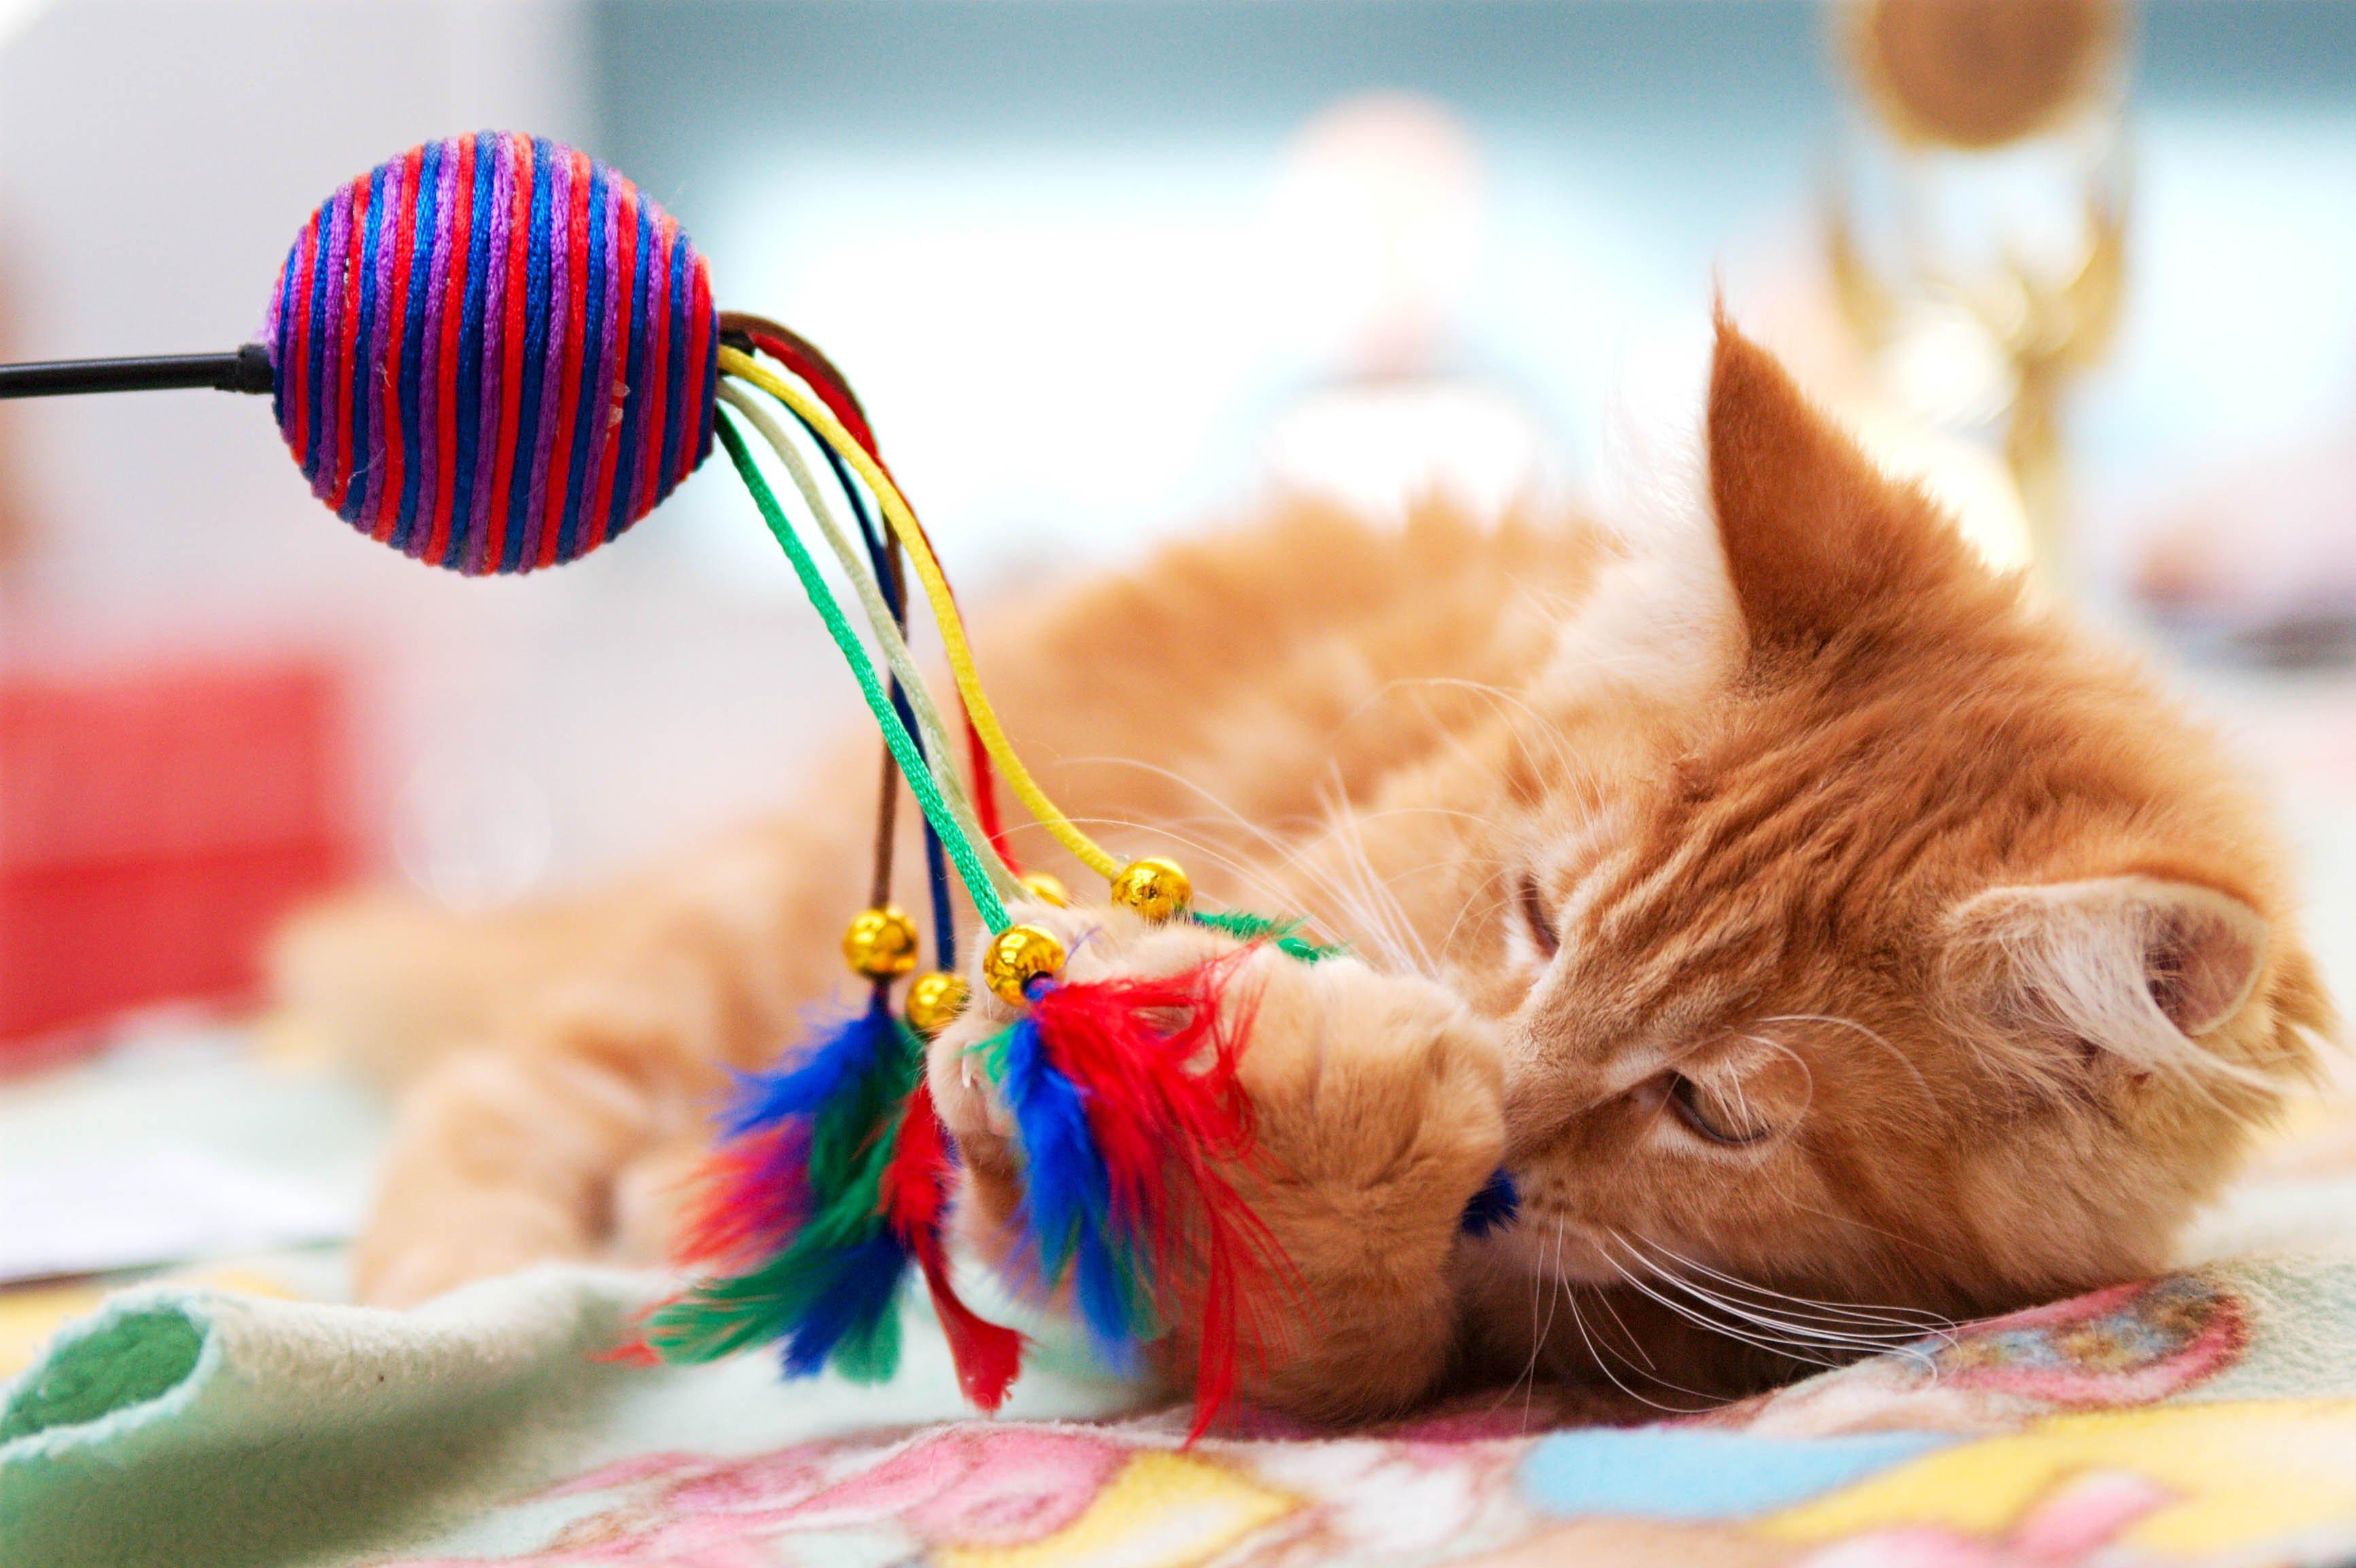 Katze gezielt beschäftigen, um von Konflikten abzulenken